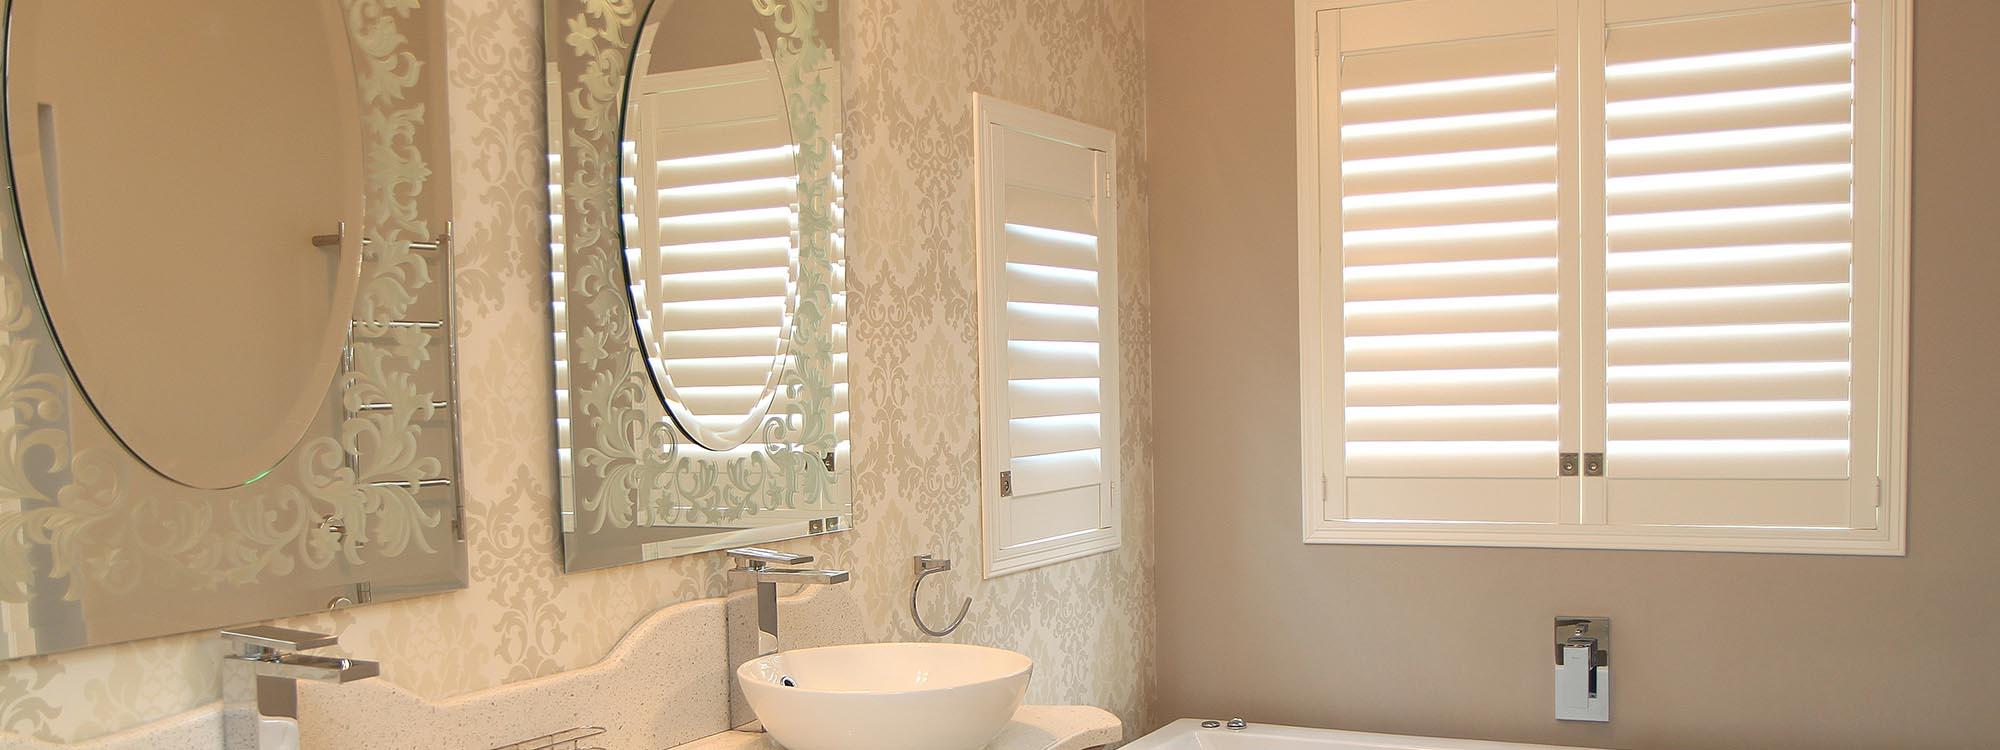 Decowood-shutters-bathroom-double-sink